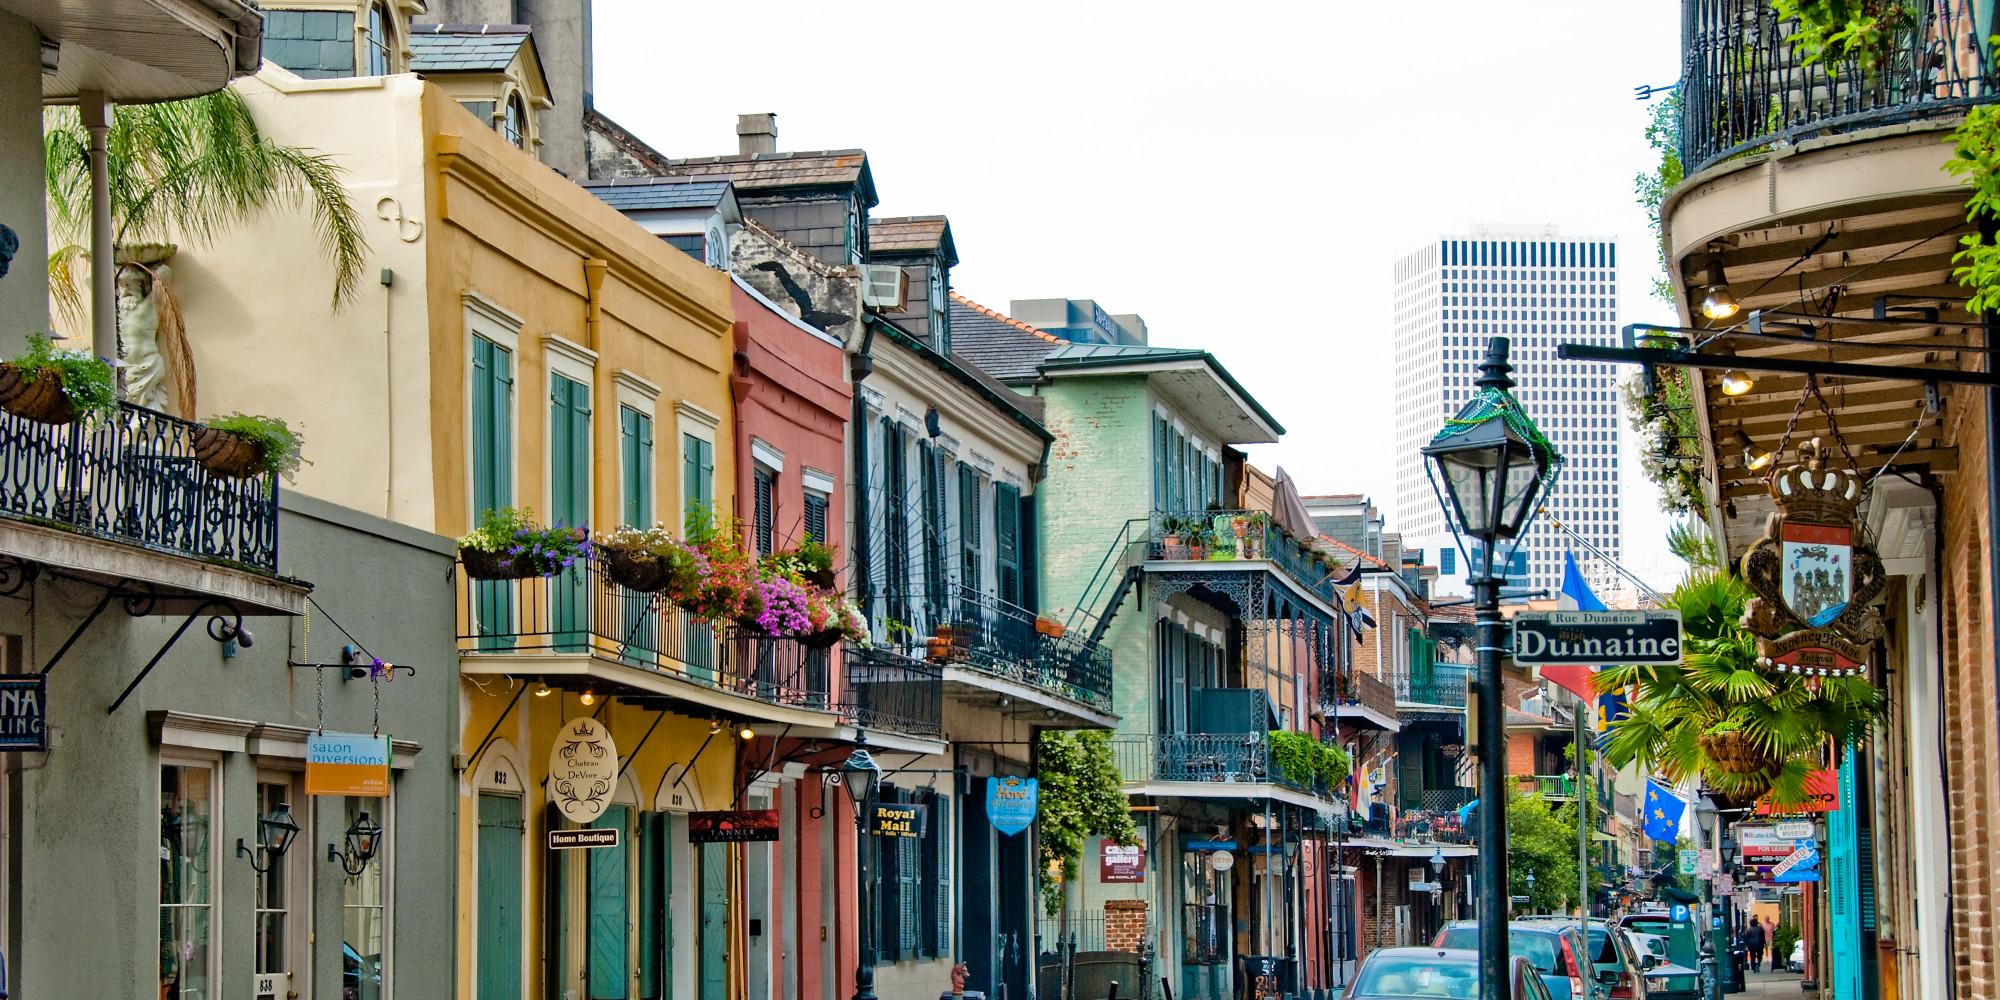 ニューオリンズ観光特集!ジャズの町のおすすめスポットをご紹介!